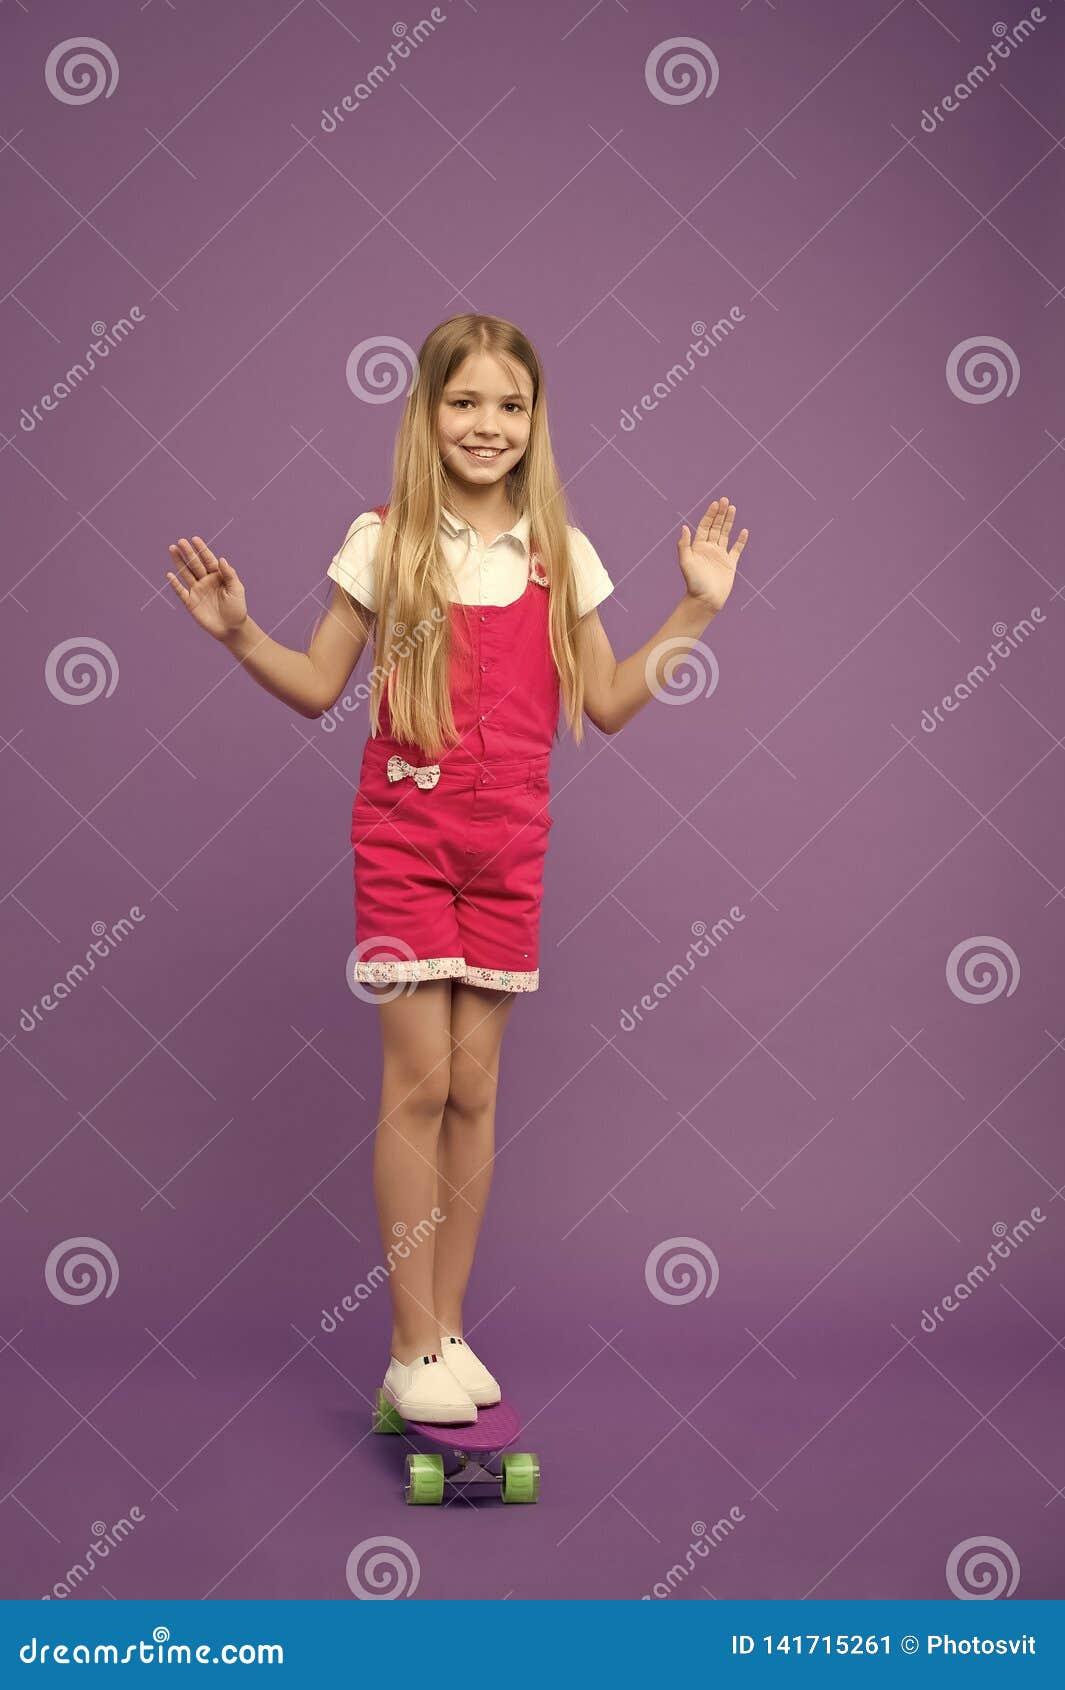 Ευτυχές skateboard γύρου κοριτσιών στο ιώδες υπόβαθρο Λίγο παιδί στον πίνακα πενών Ανάπτυξη και ευτυχία παιδικής ηλικίας